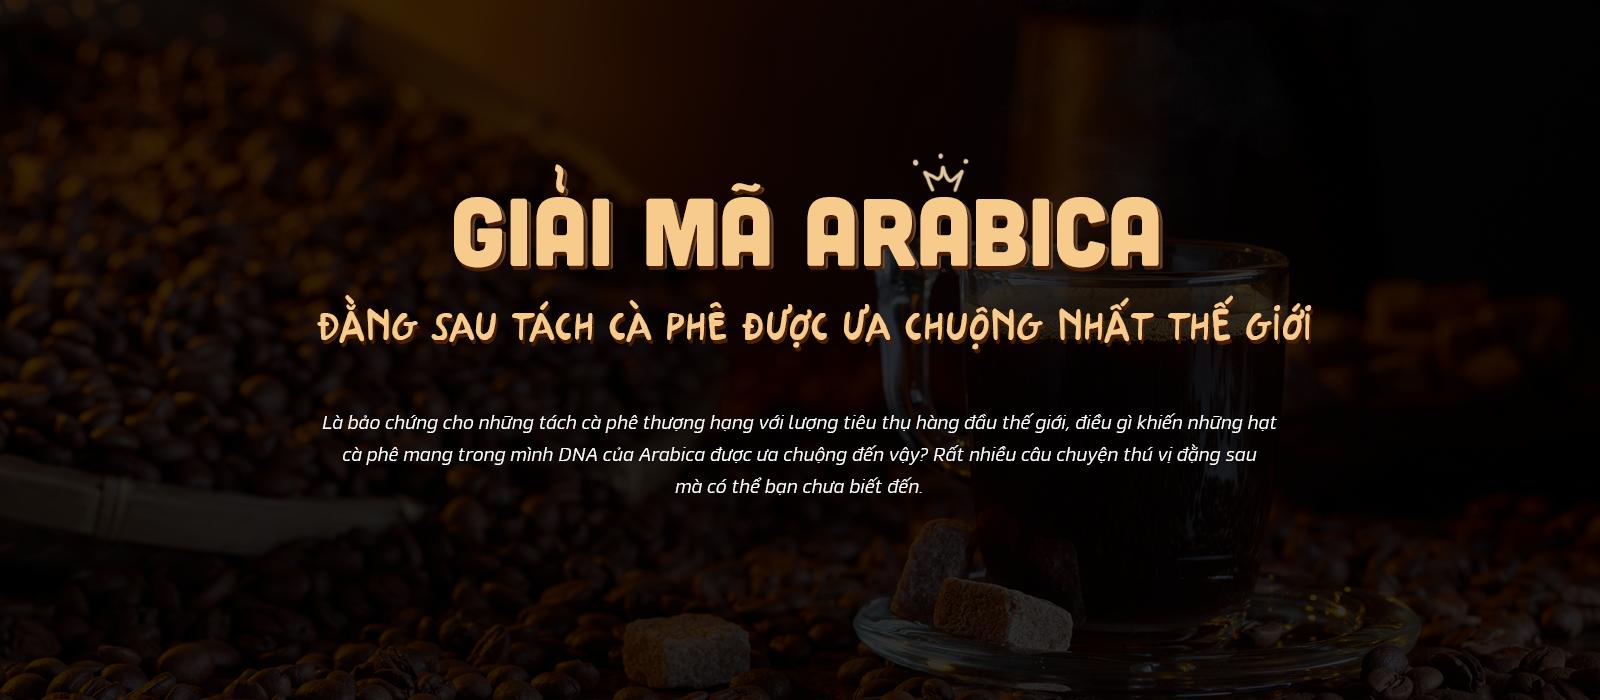 Giải mã hạt cà phê Arabica